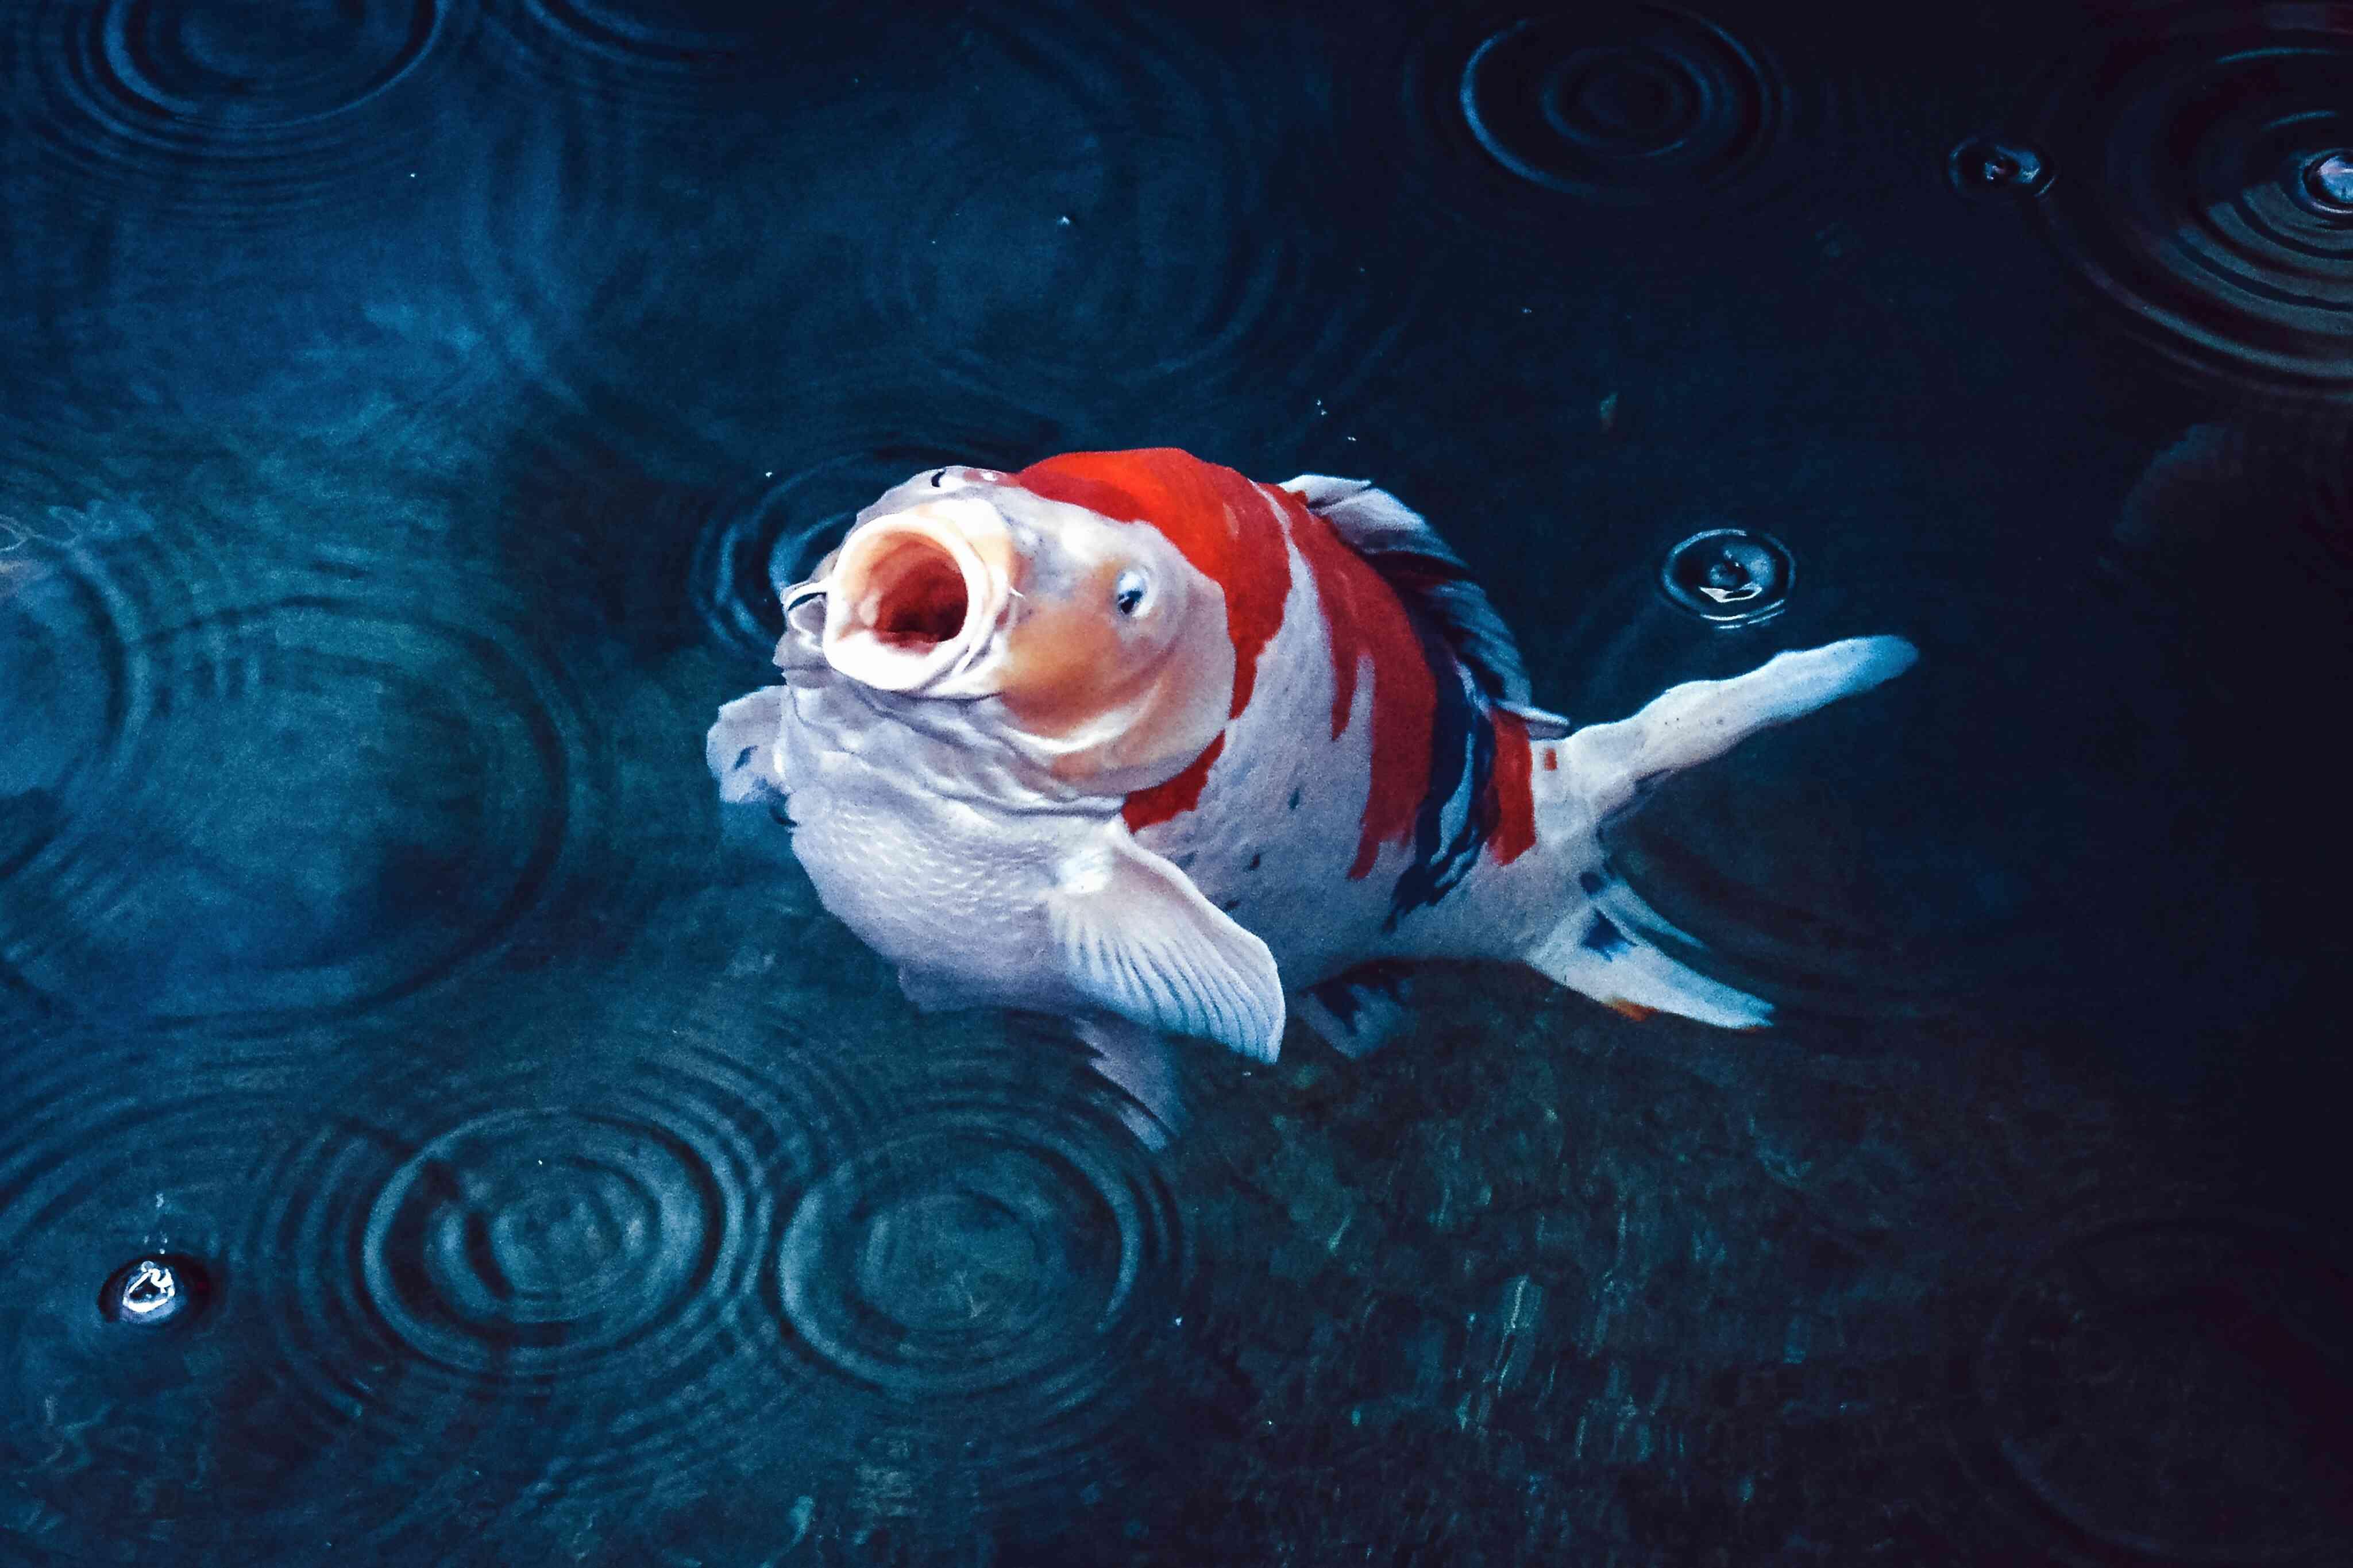 Red And White Koi Carp Fish Underwater